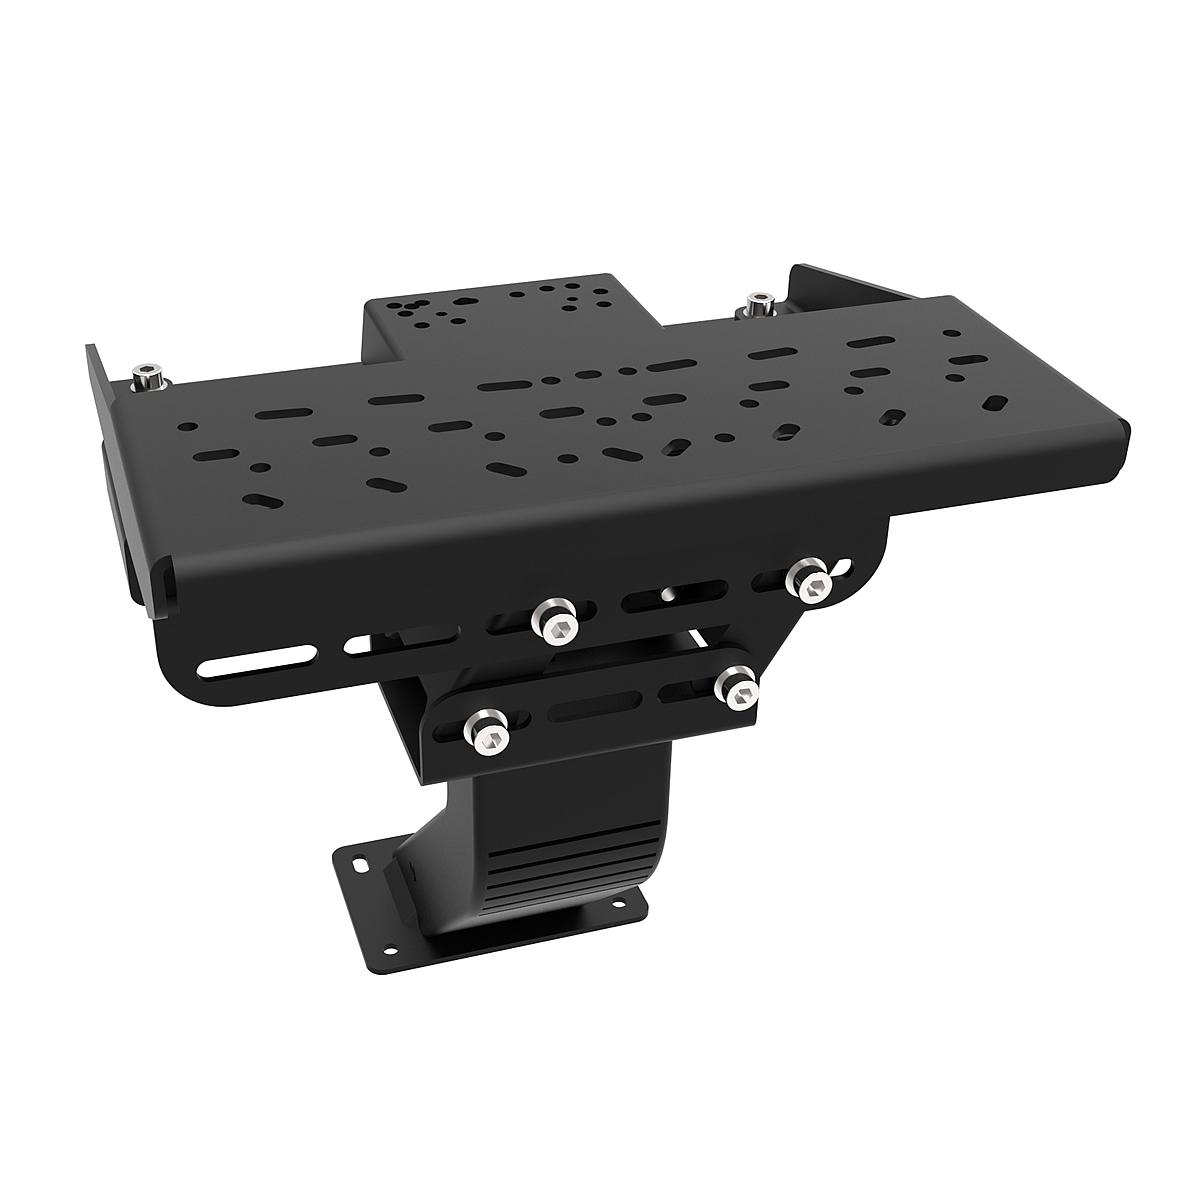 B1 Shifter / Handbrake Upgrade kit Black